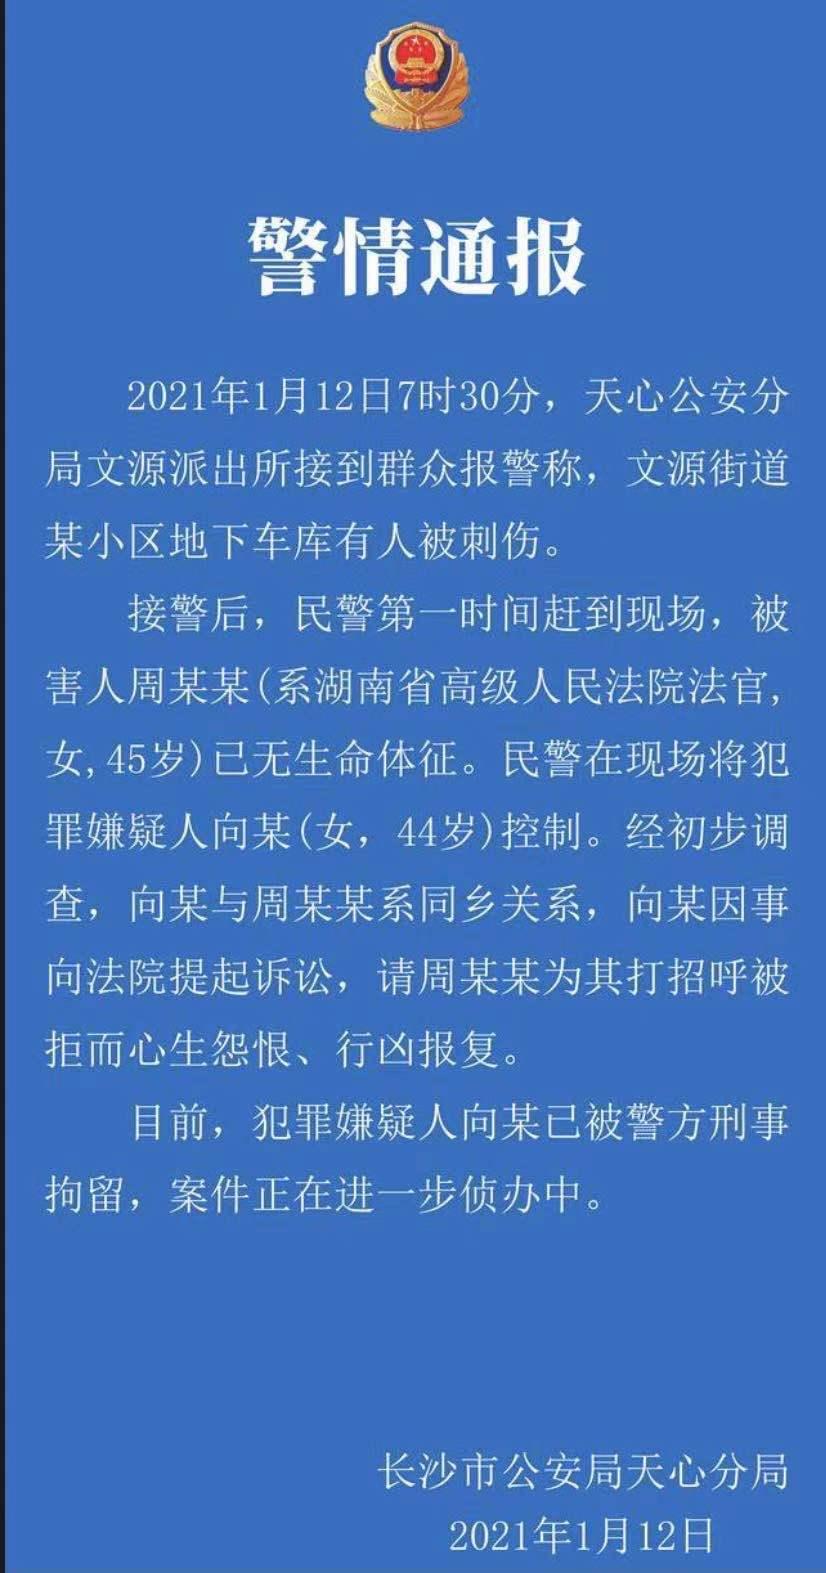 湖南高院一副庭长被刺身亡,嫌疑人已被刑拘